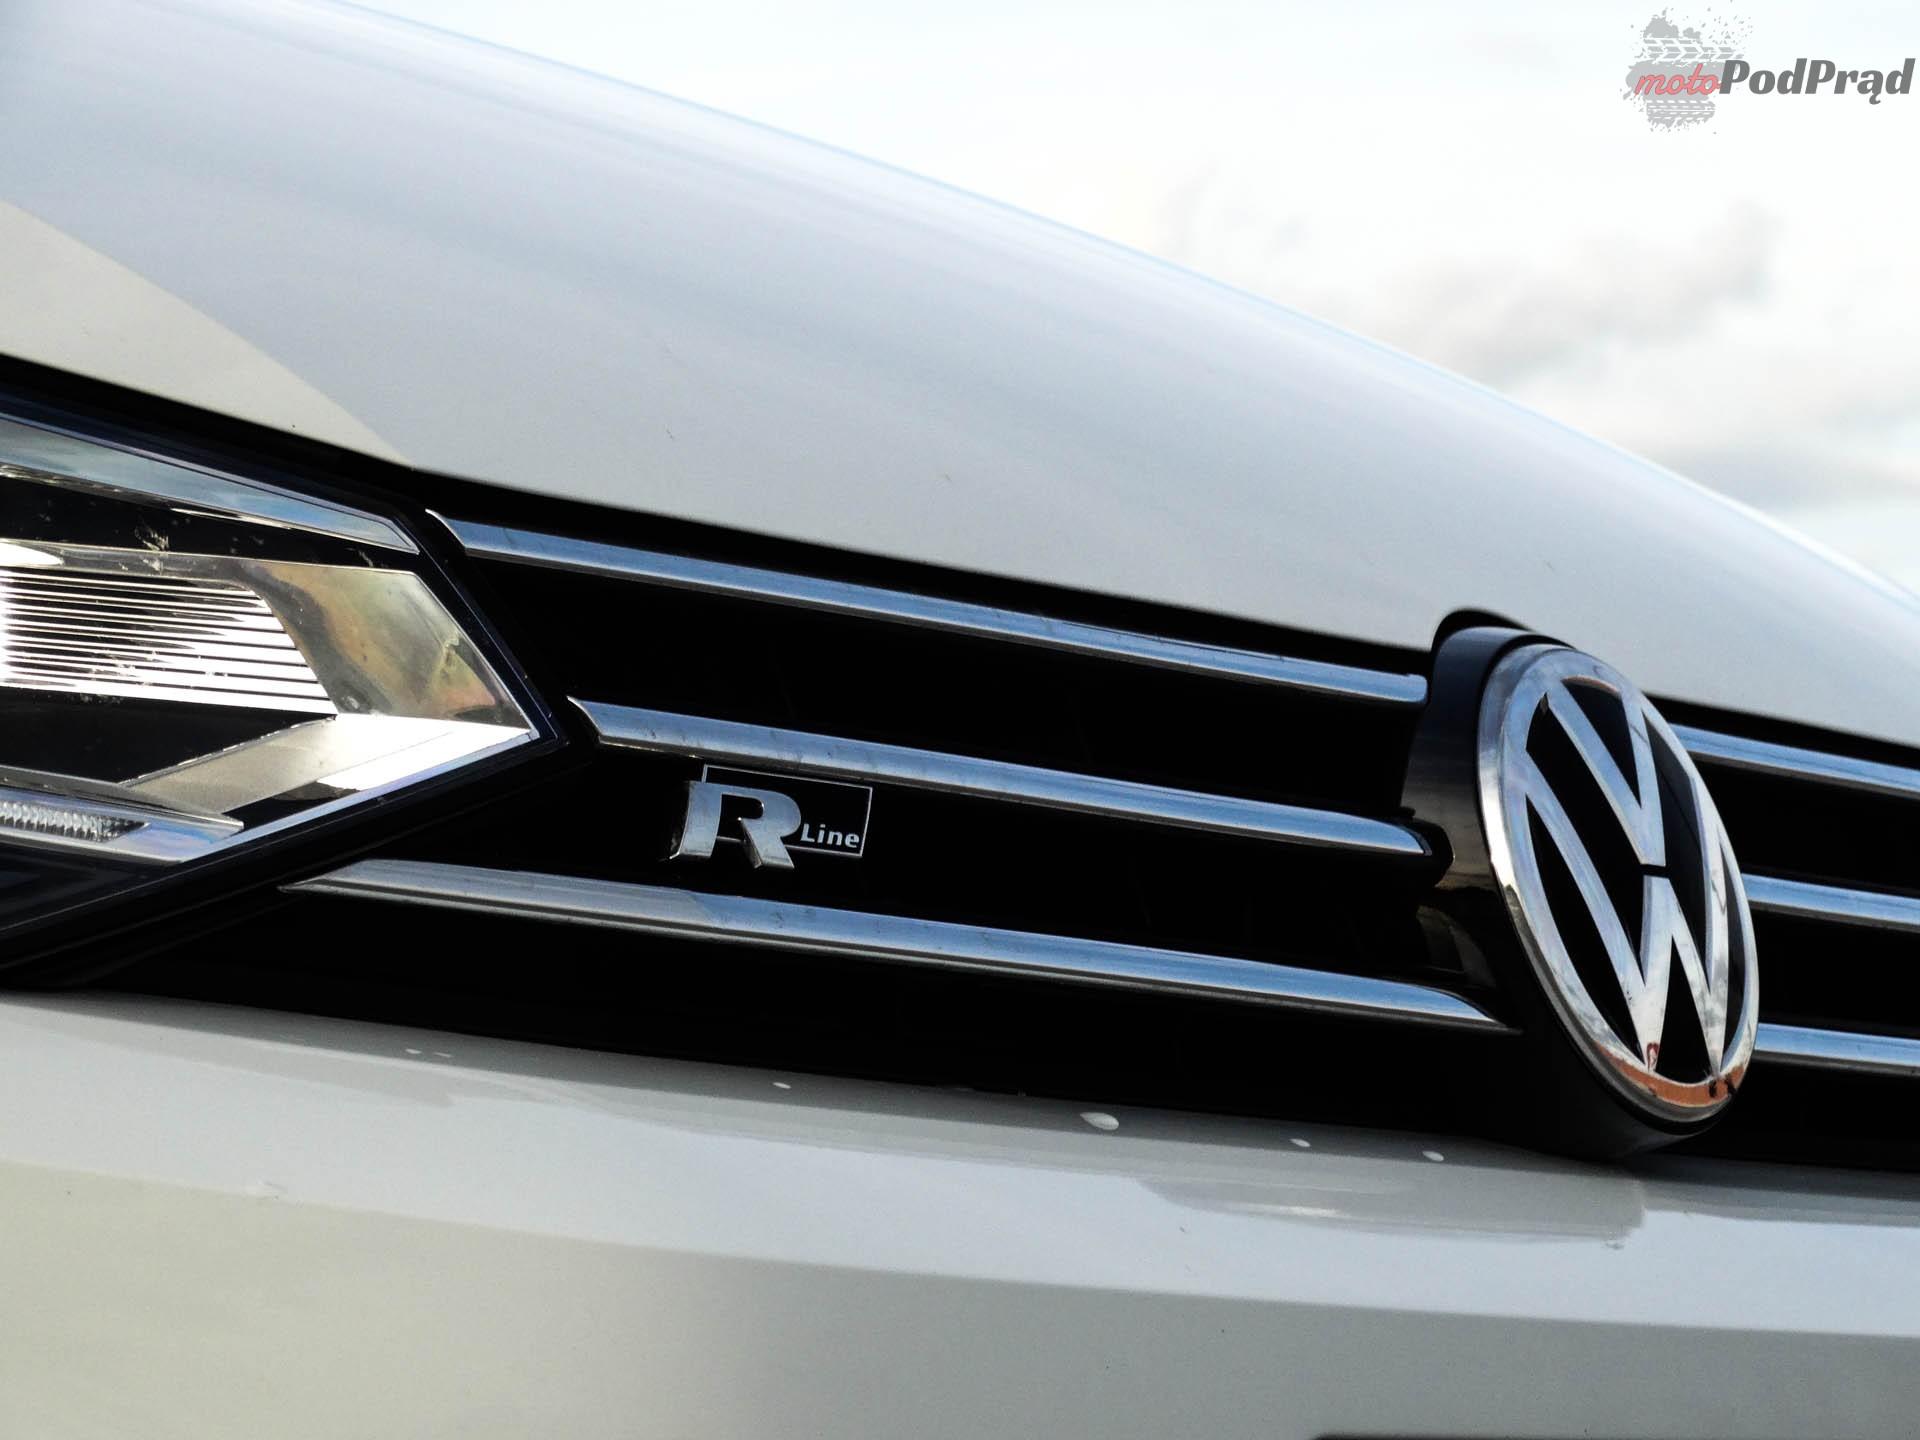 Volkswagen Touran 2 Test: Volkswagen Touran 1.8 TSI 180 KM   sportowy van